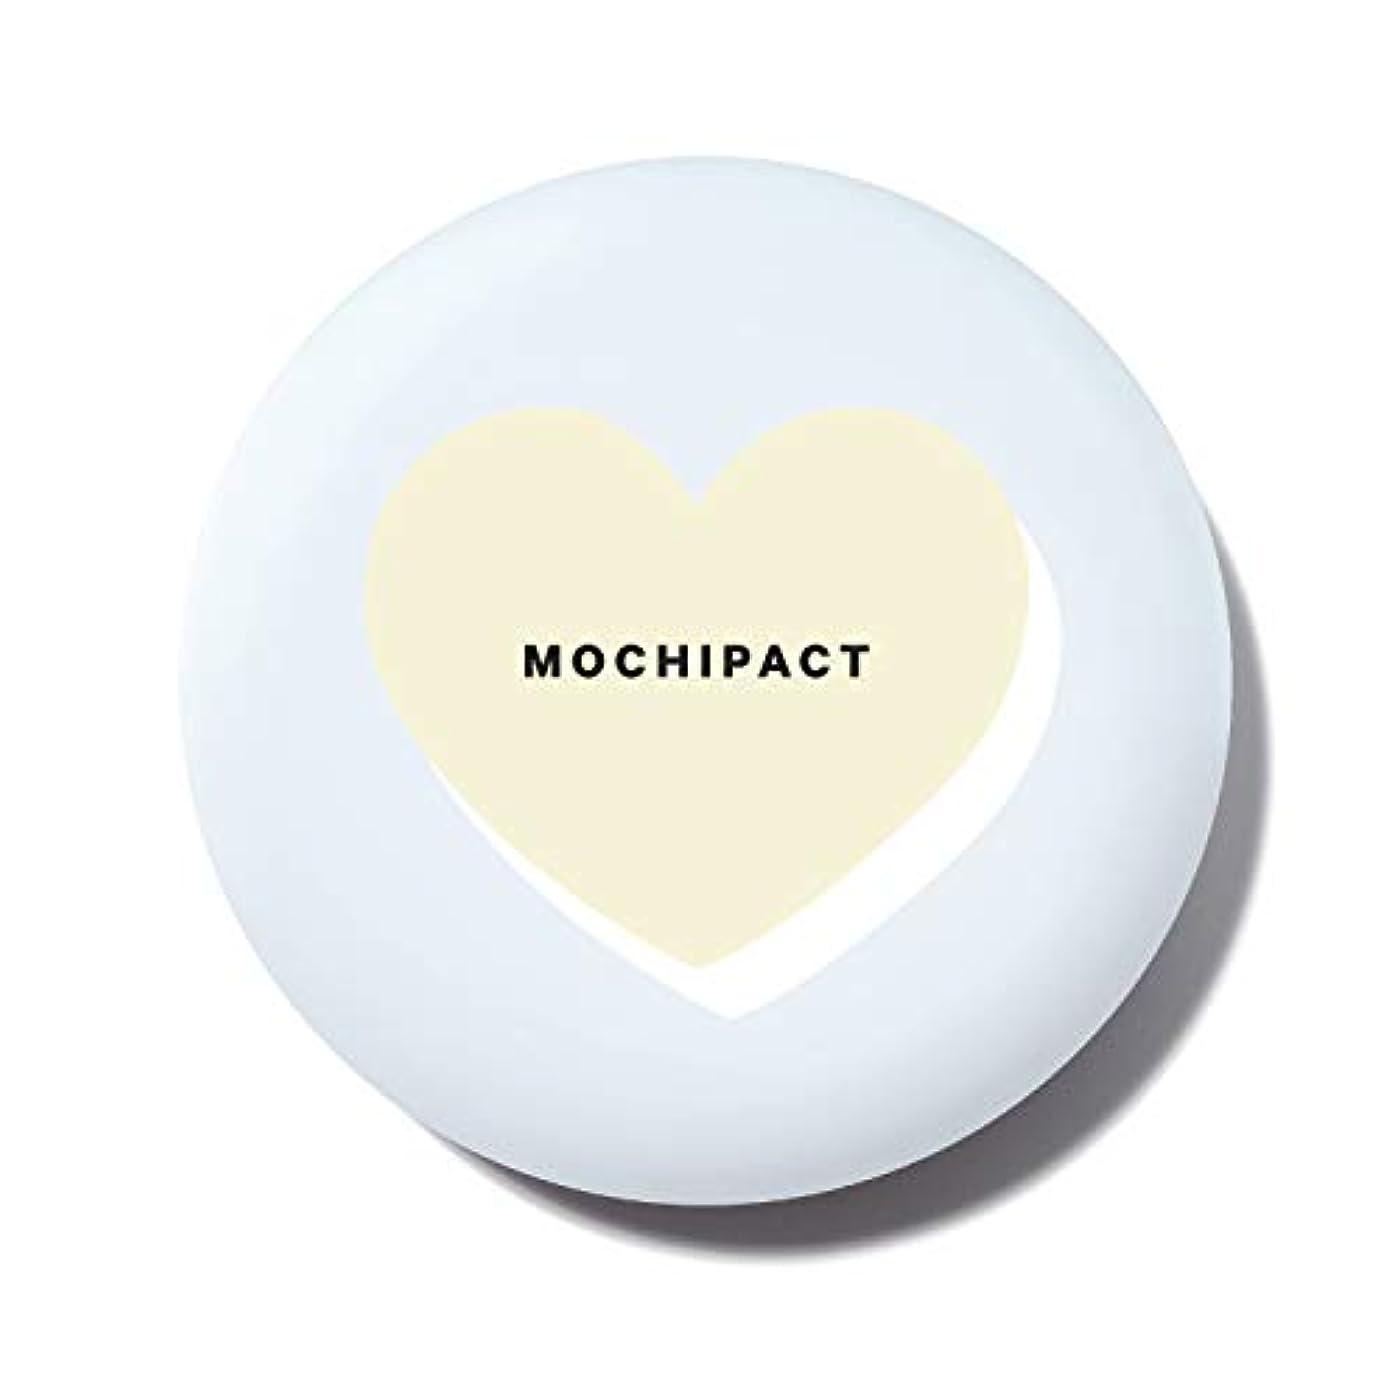 メッシュプロテスタント散文16brand(シックスティーンブランド) 16MOCHI PACT (モチパクト) ピーチライト (PEACH LIGHT) (9g)